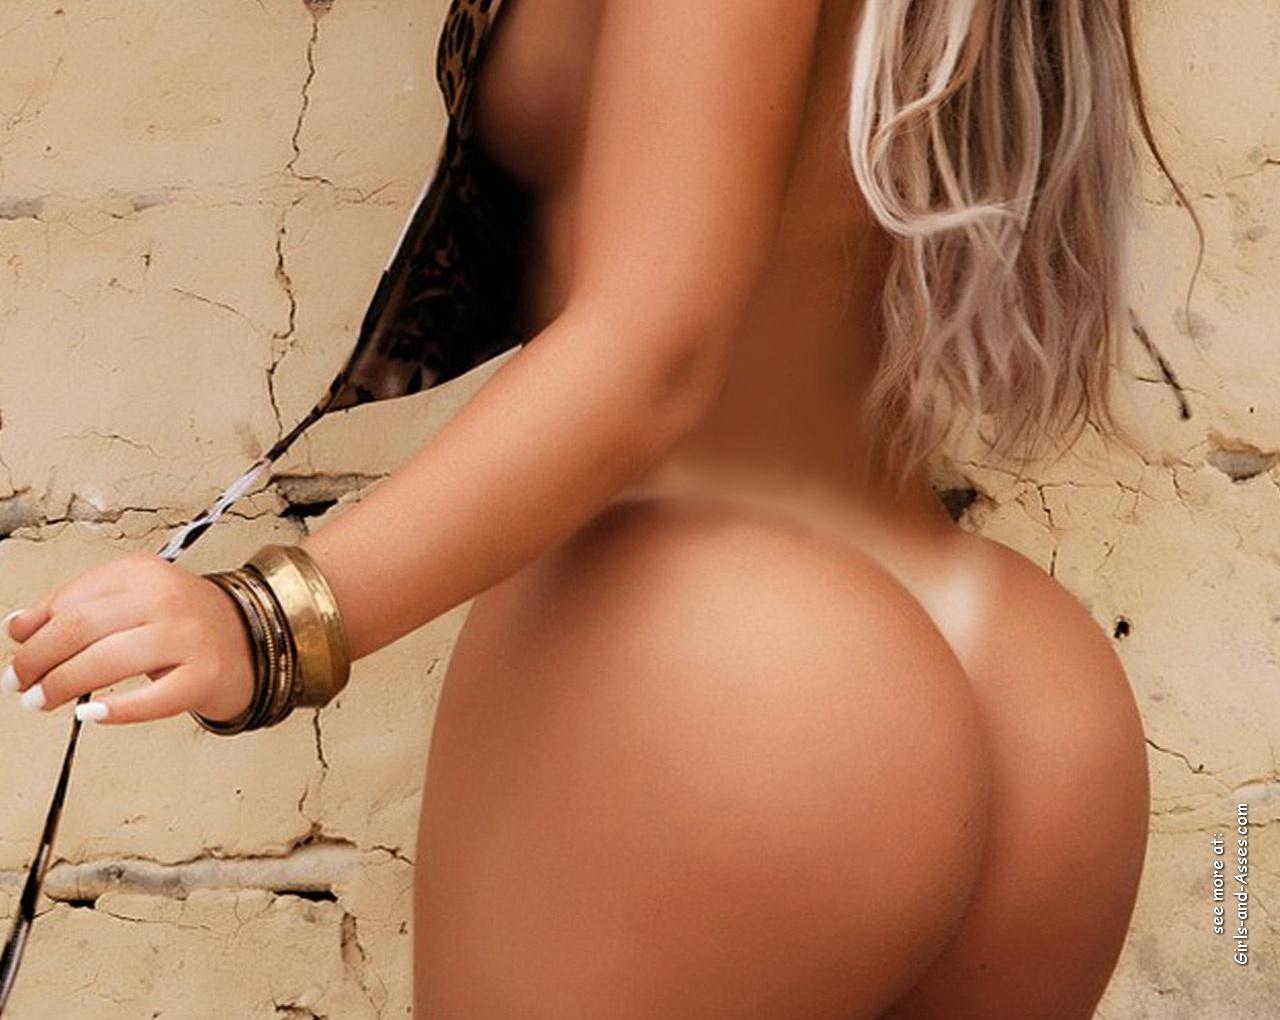 big assed naked brazilian babe photo 04800